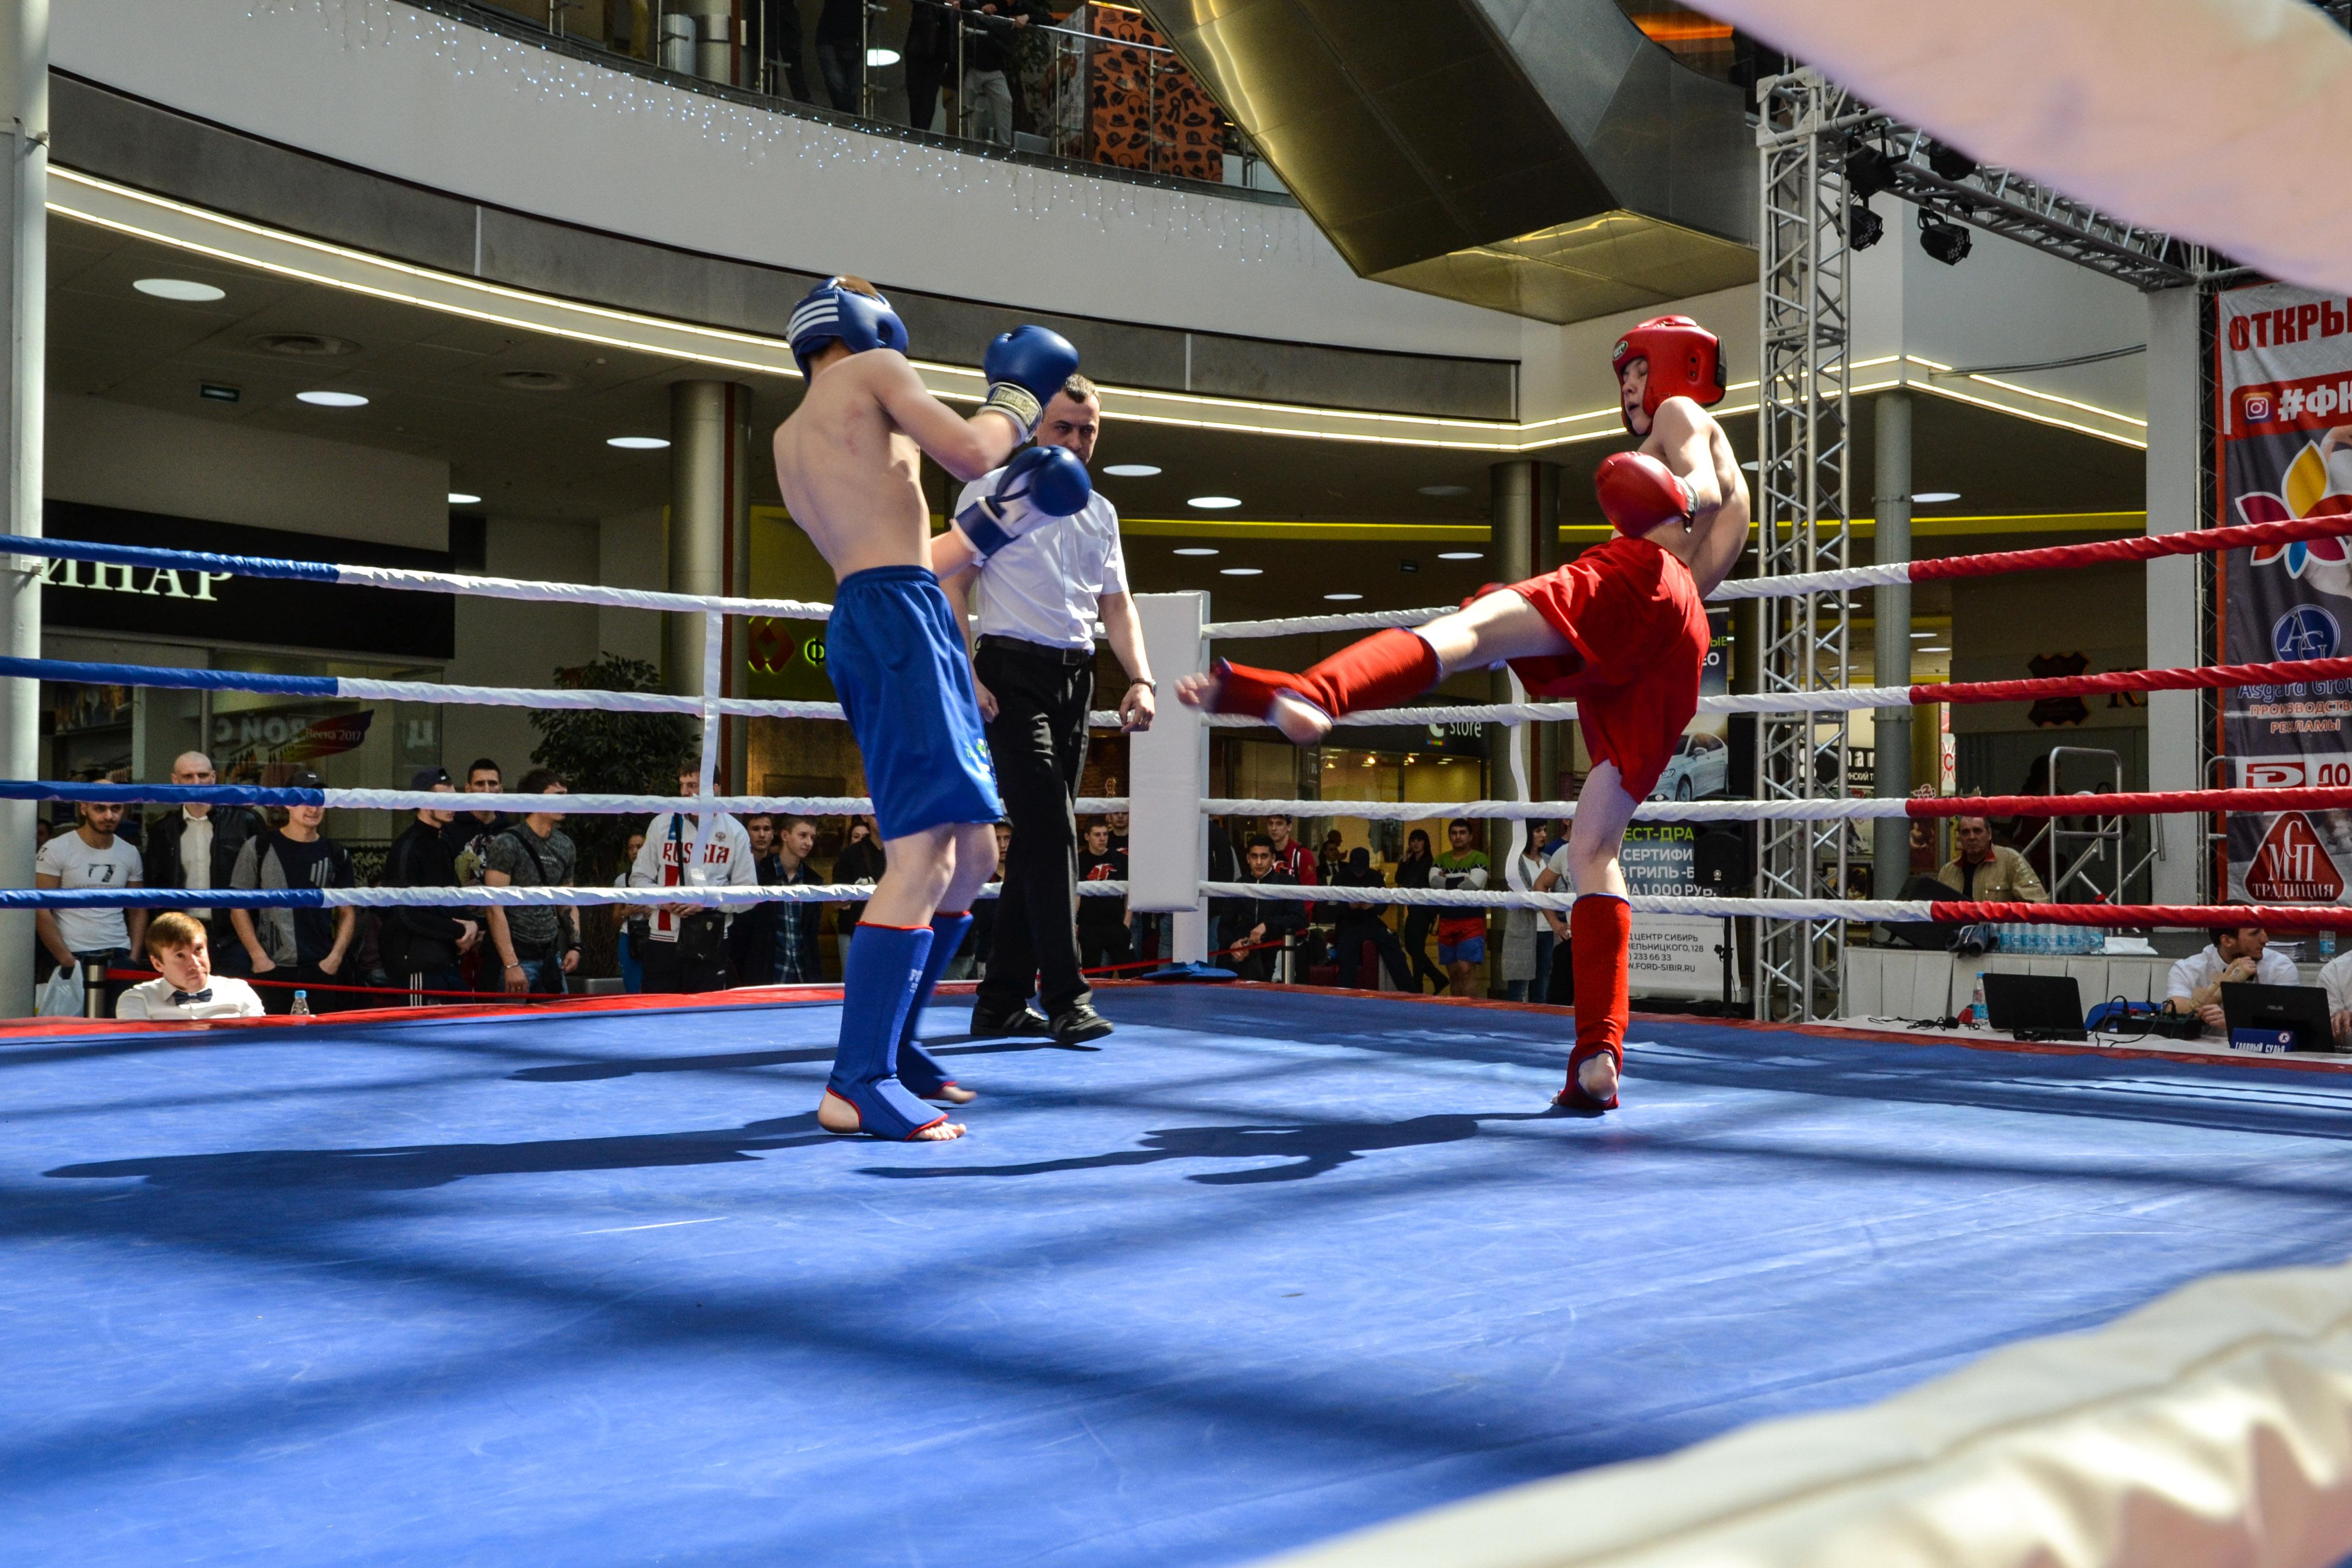 Близится битва: в Челябинске состоится Чемпионат по тайскому боксу